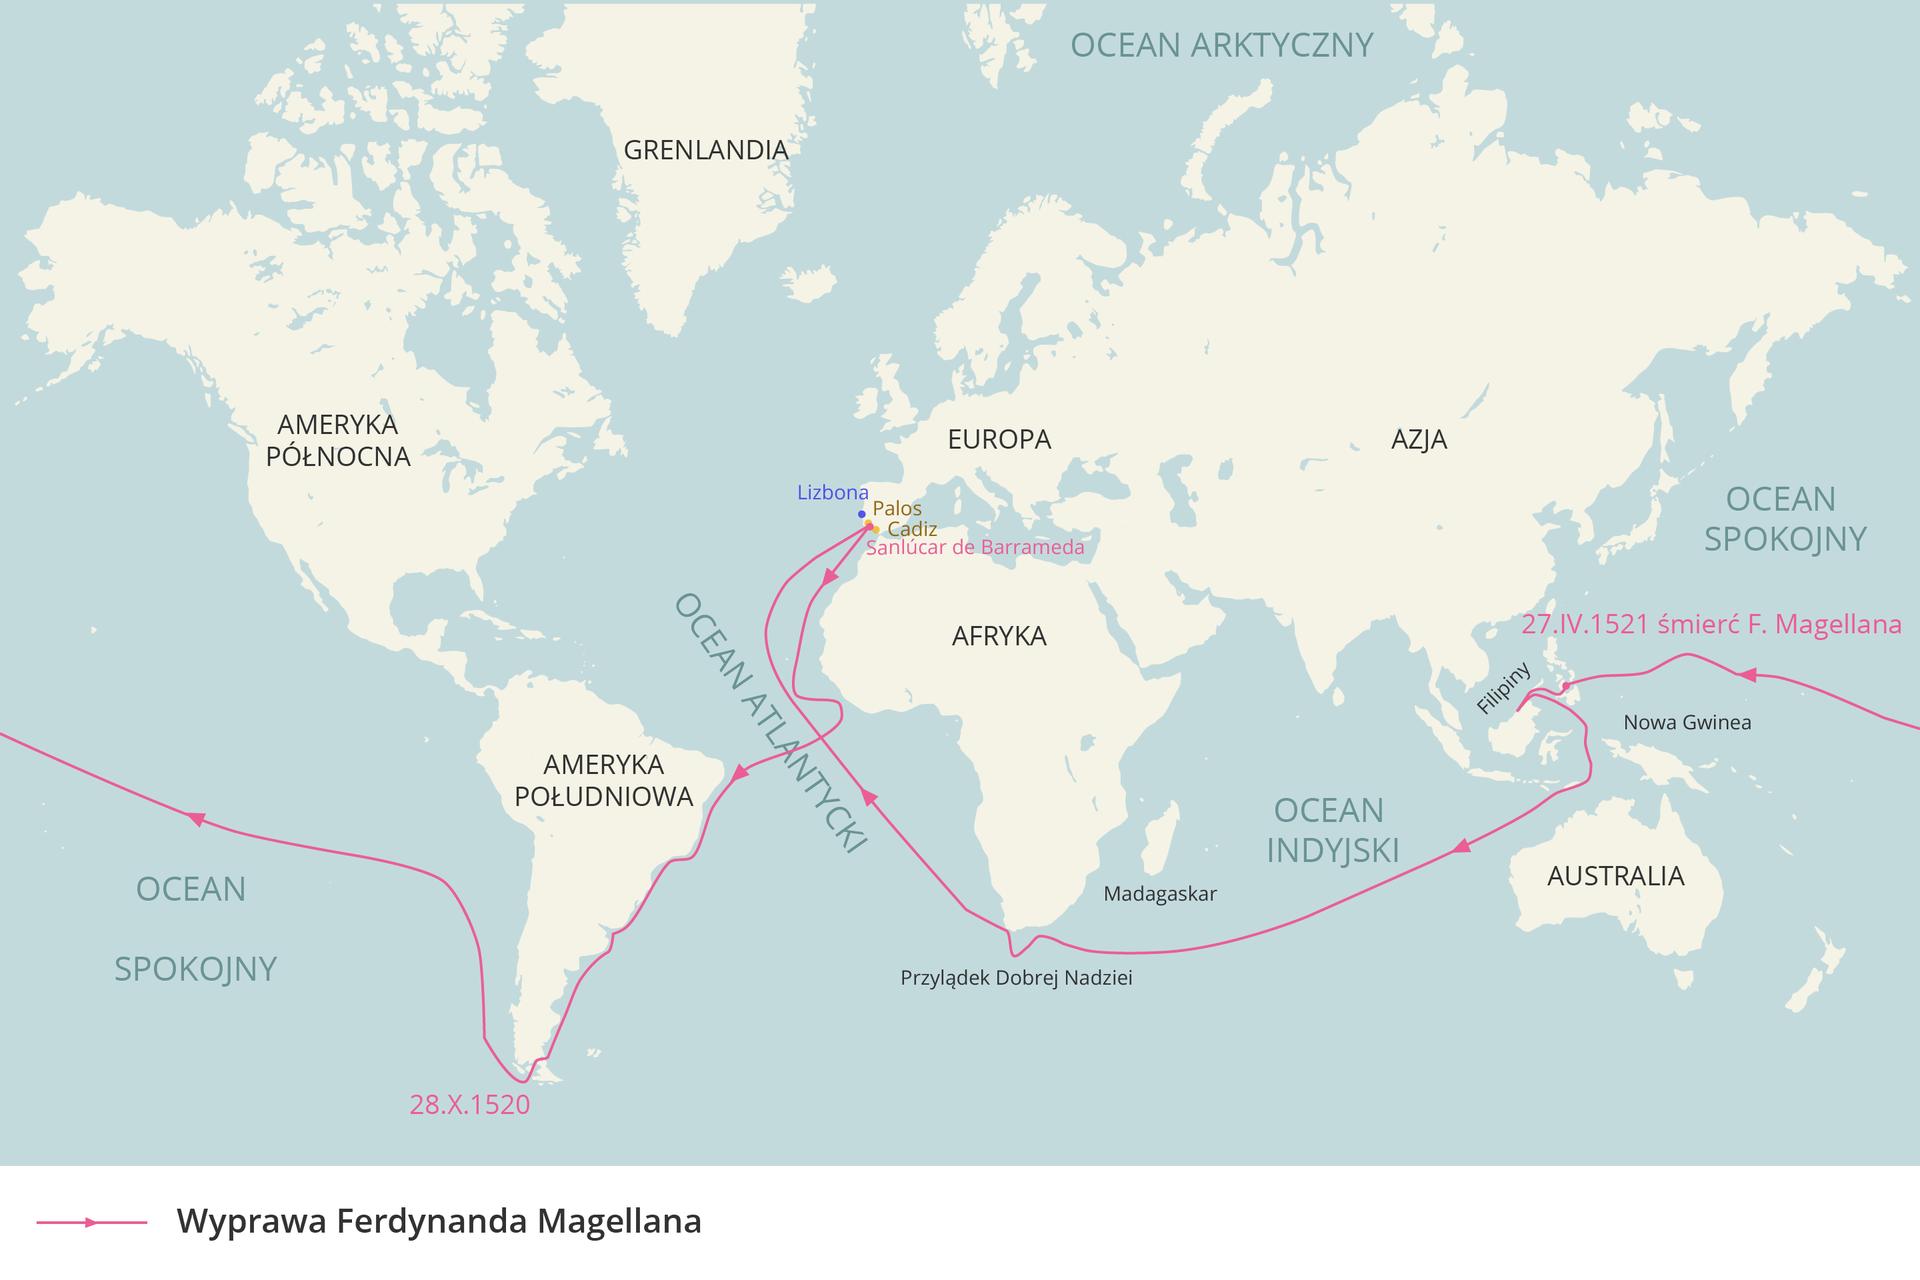 Ilustracja prezentuje mapę świata zzaznaczoną fioletową linią trasą wyprawy Magellana. Kontynenty są narysowane na biało iotoczone niebieskimi wodami. Trasa wyprawy Magellana rozpoczyna się wPortugalii, prowadzi wzdłuż Afryki, następnie wzdłuż wschodnich brzegów Ameryki Południowej, poprzez Ocean Spokojny na Filipiny, następnie Ocean Indyjski, Przylądek Dobrej Nadziei ipowrót poprzez Ocean Atlantycki do Portugalii.